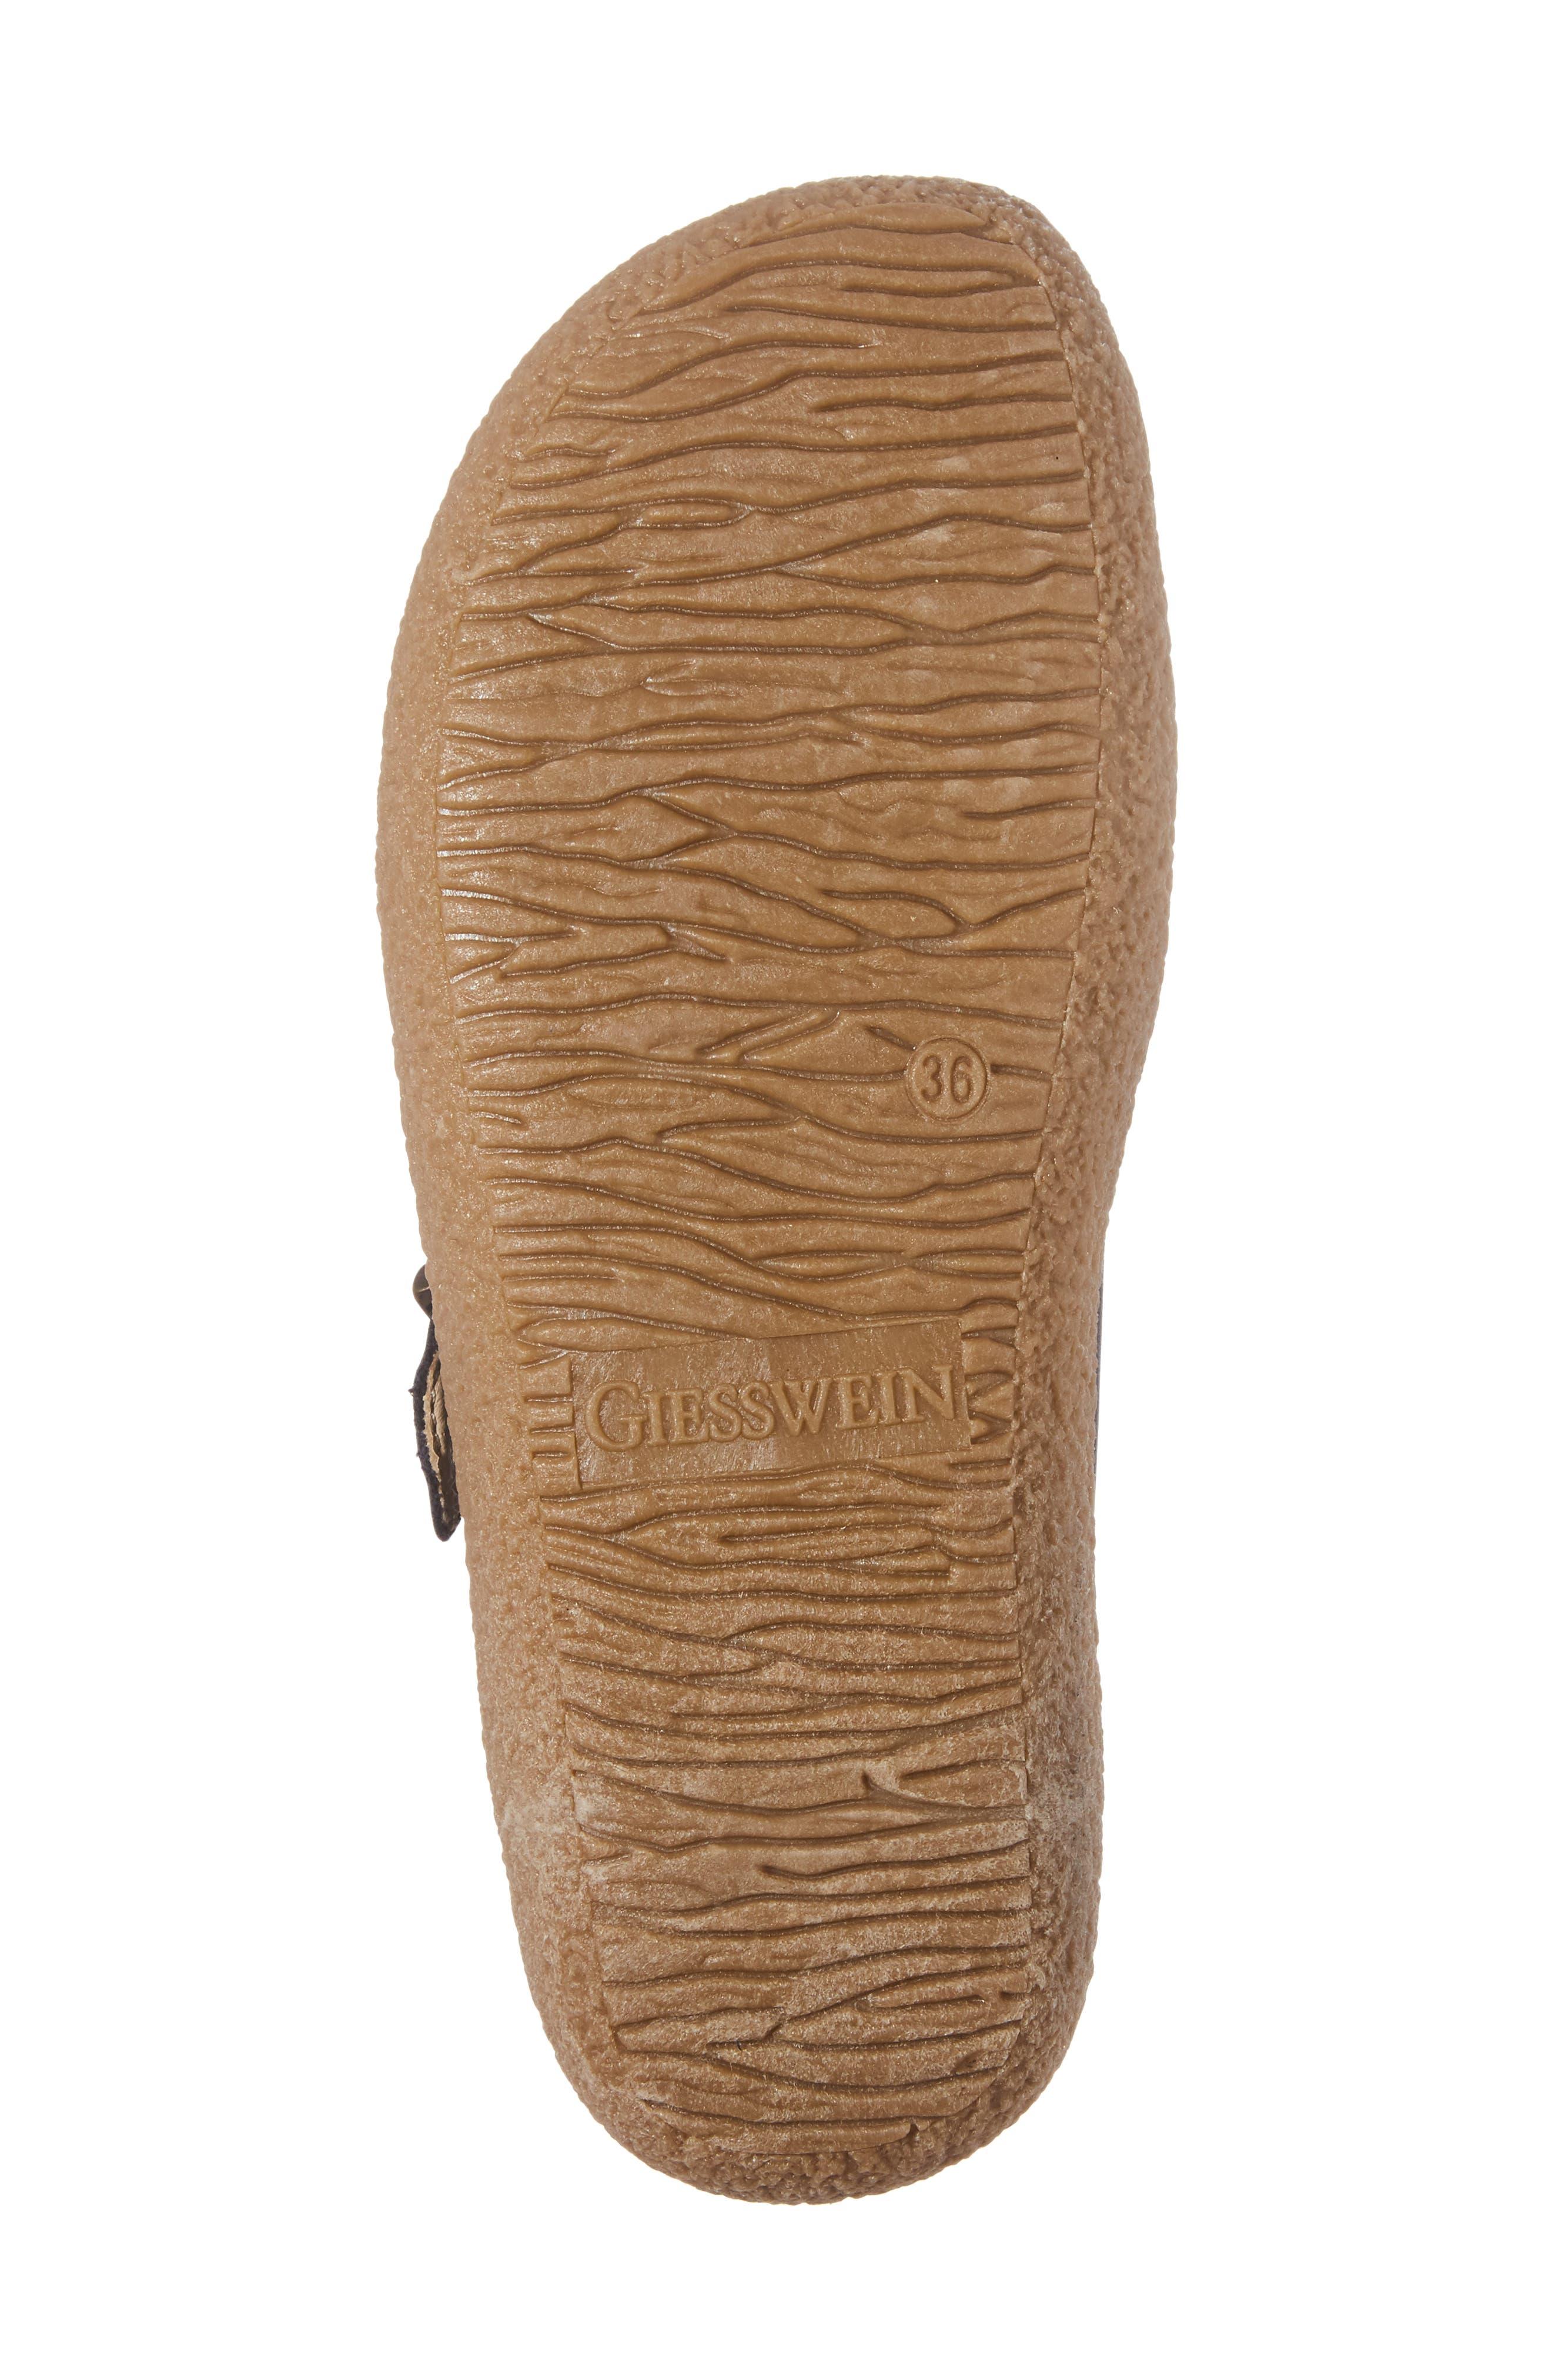 Radler Slipper Mule,                             Alternate thumbnail 6, color,                             Jeans Leather